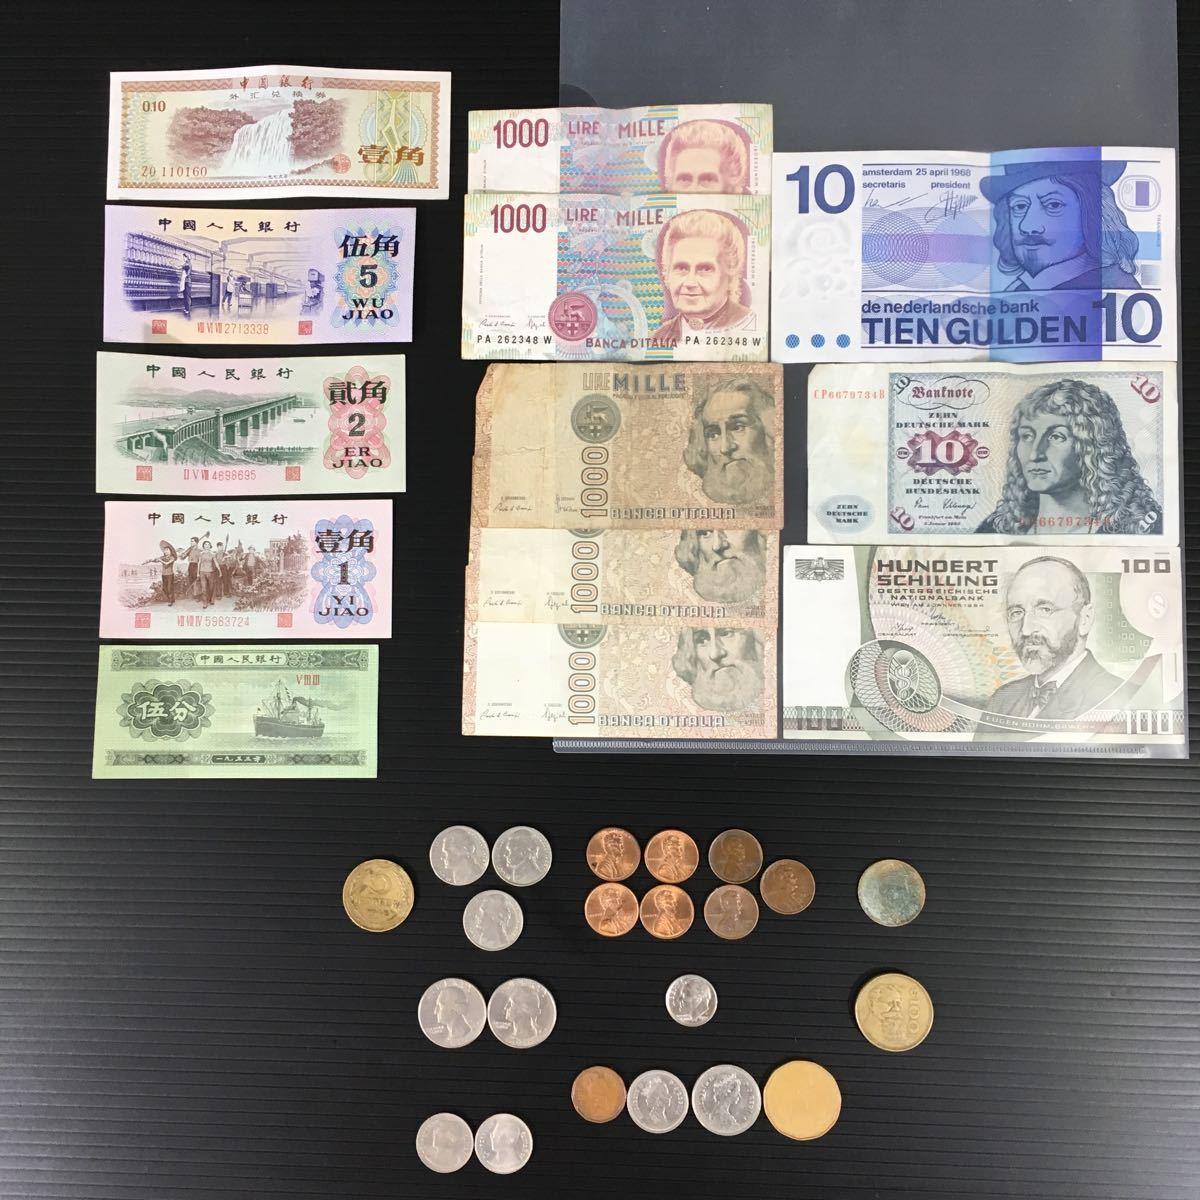 【外国 紙幣 コイン まとめて】 中国 アメリカ イタリア オランダ メキシコ等 #0068/001